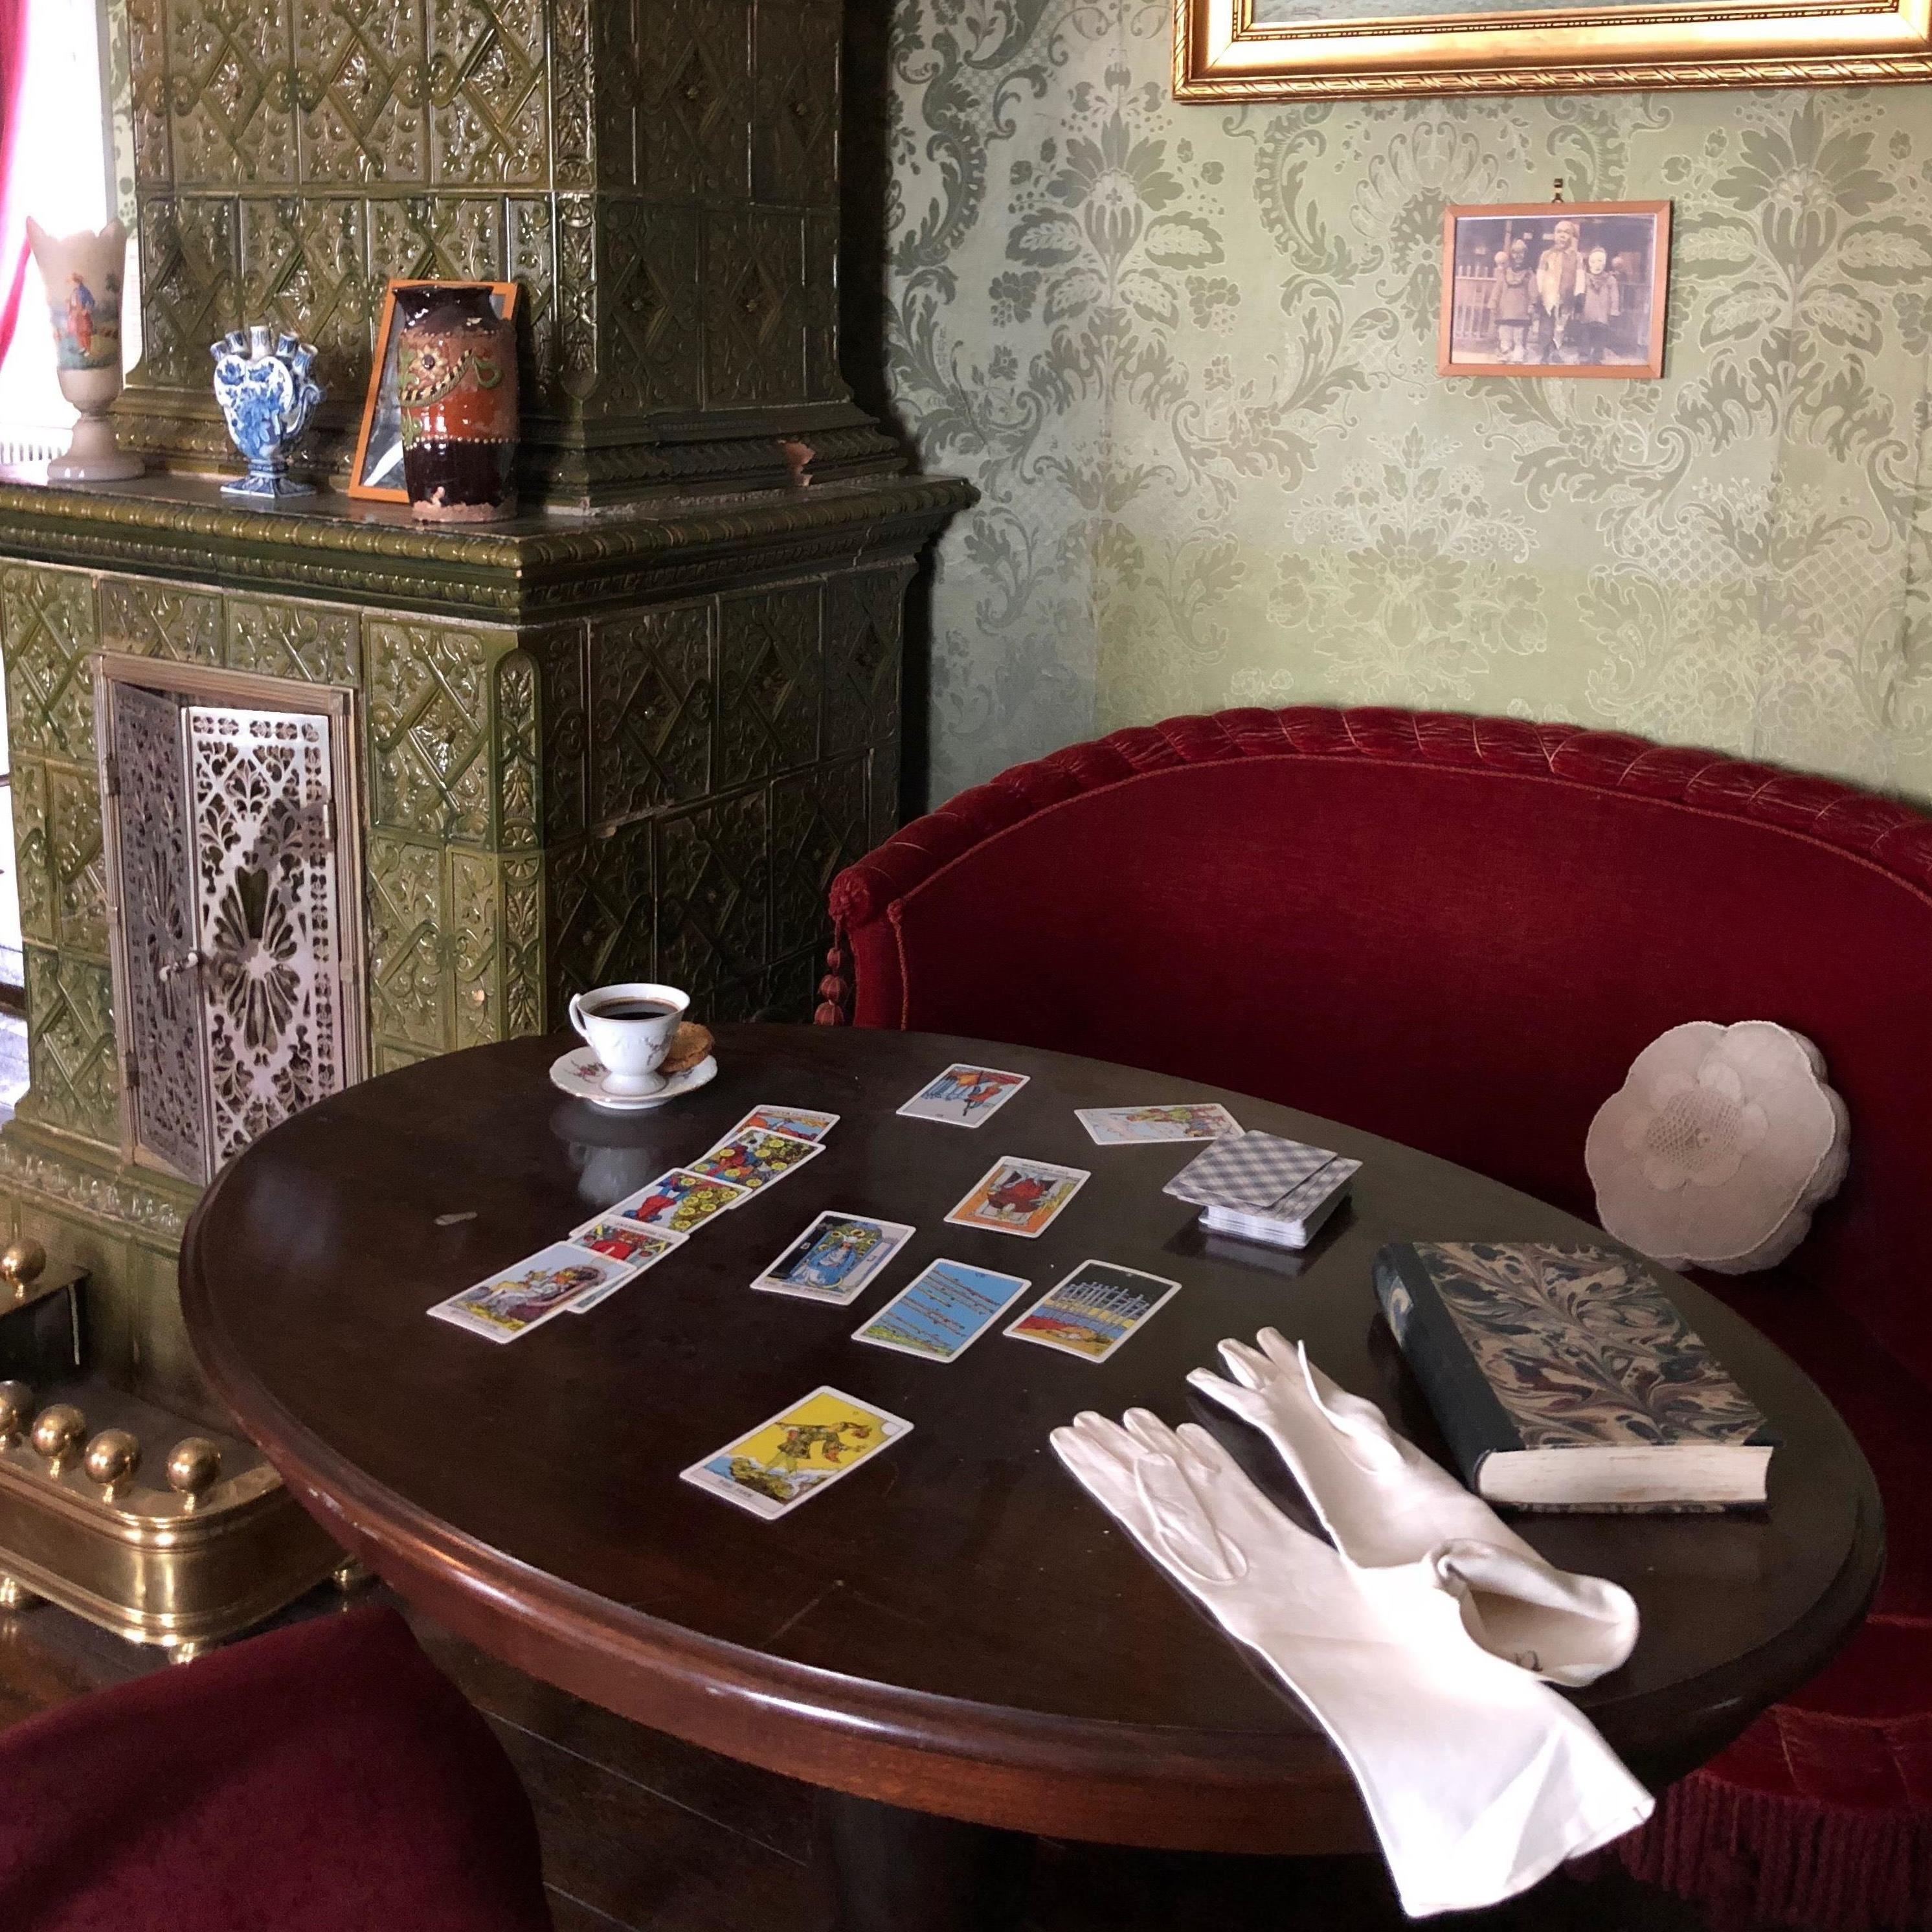 Sommeromvisning i Museum Obscurum - Tema tarot og spiritisme